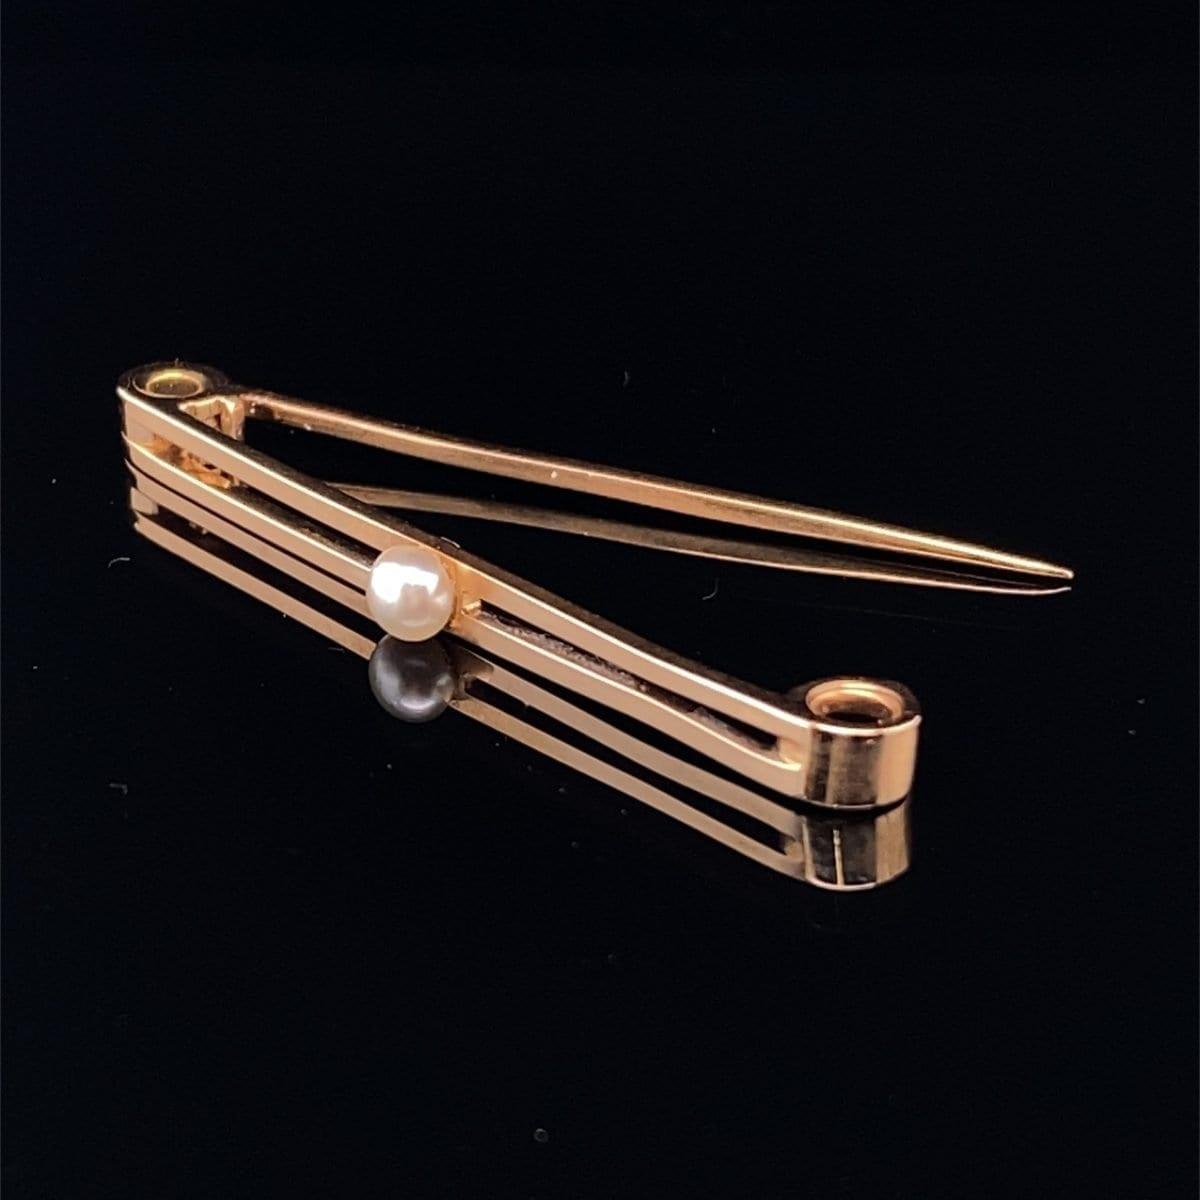 Single pearl bar brooch